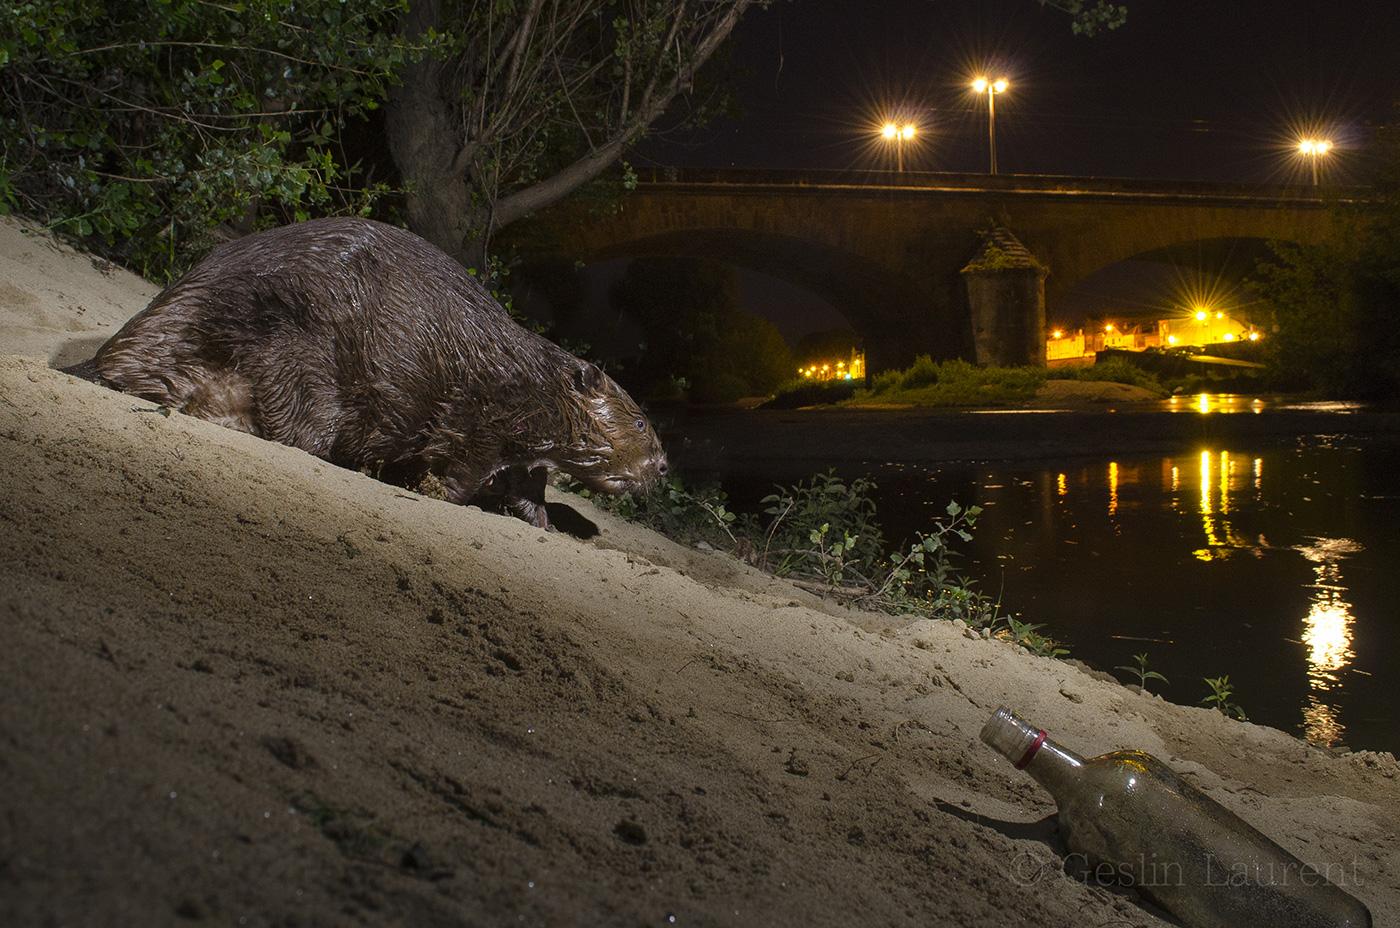 Urban Wildlife Laurent Geslin